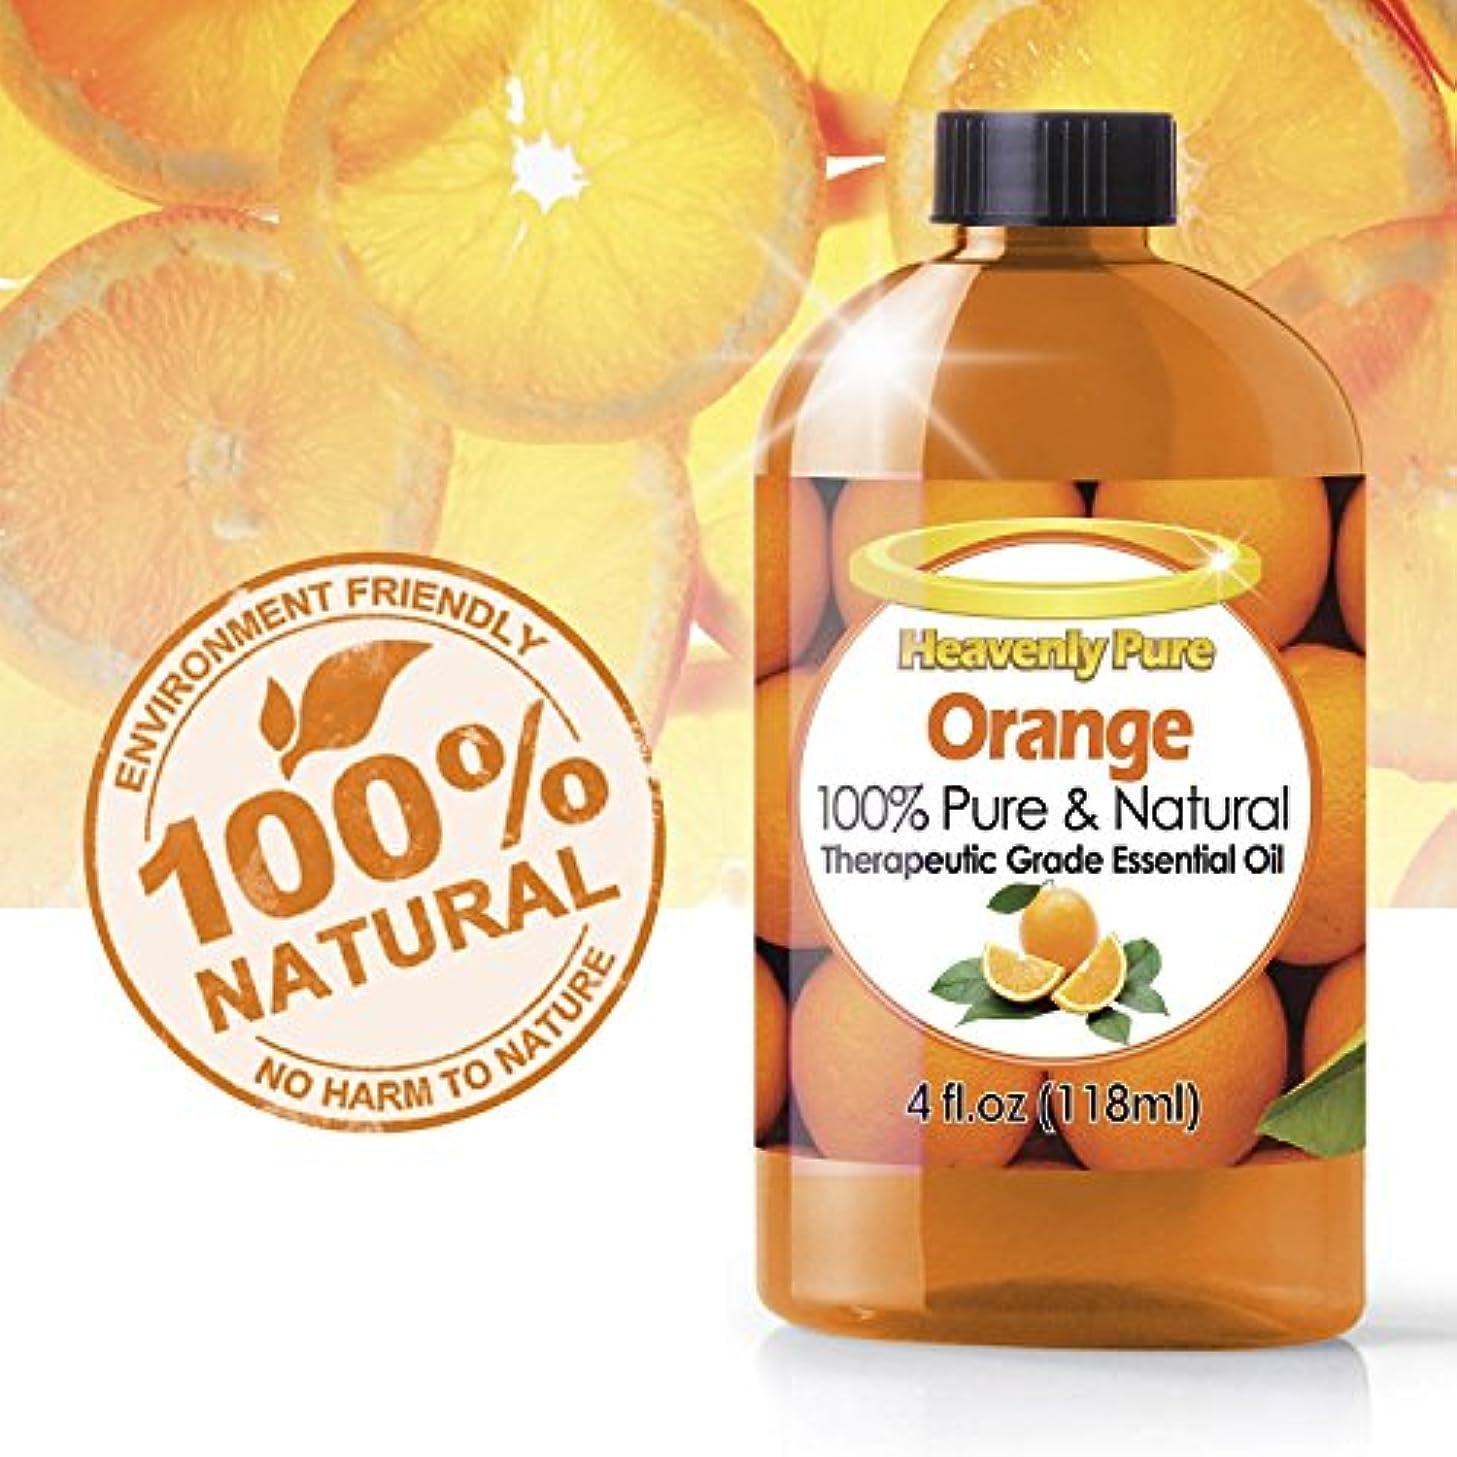 プレビスサイトカイウスダッシュオレンジエッセンシャルオイル(HUGE 4 OZ)アイドロップ剤 - 100%ピュア&ナチュラルスイートシトラスアロマ - 治療グレード - オレンジオイルはアロマセラピー、イミュニティ、天然抗菌、および洗浄に最適です